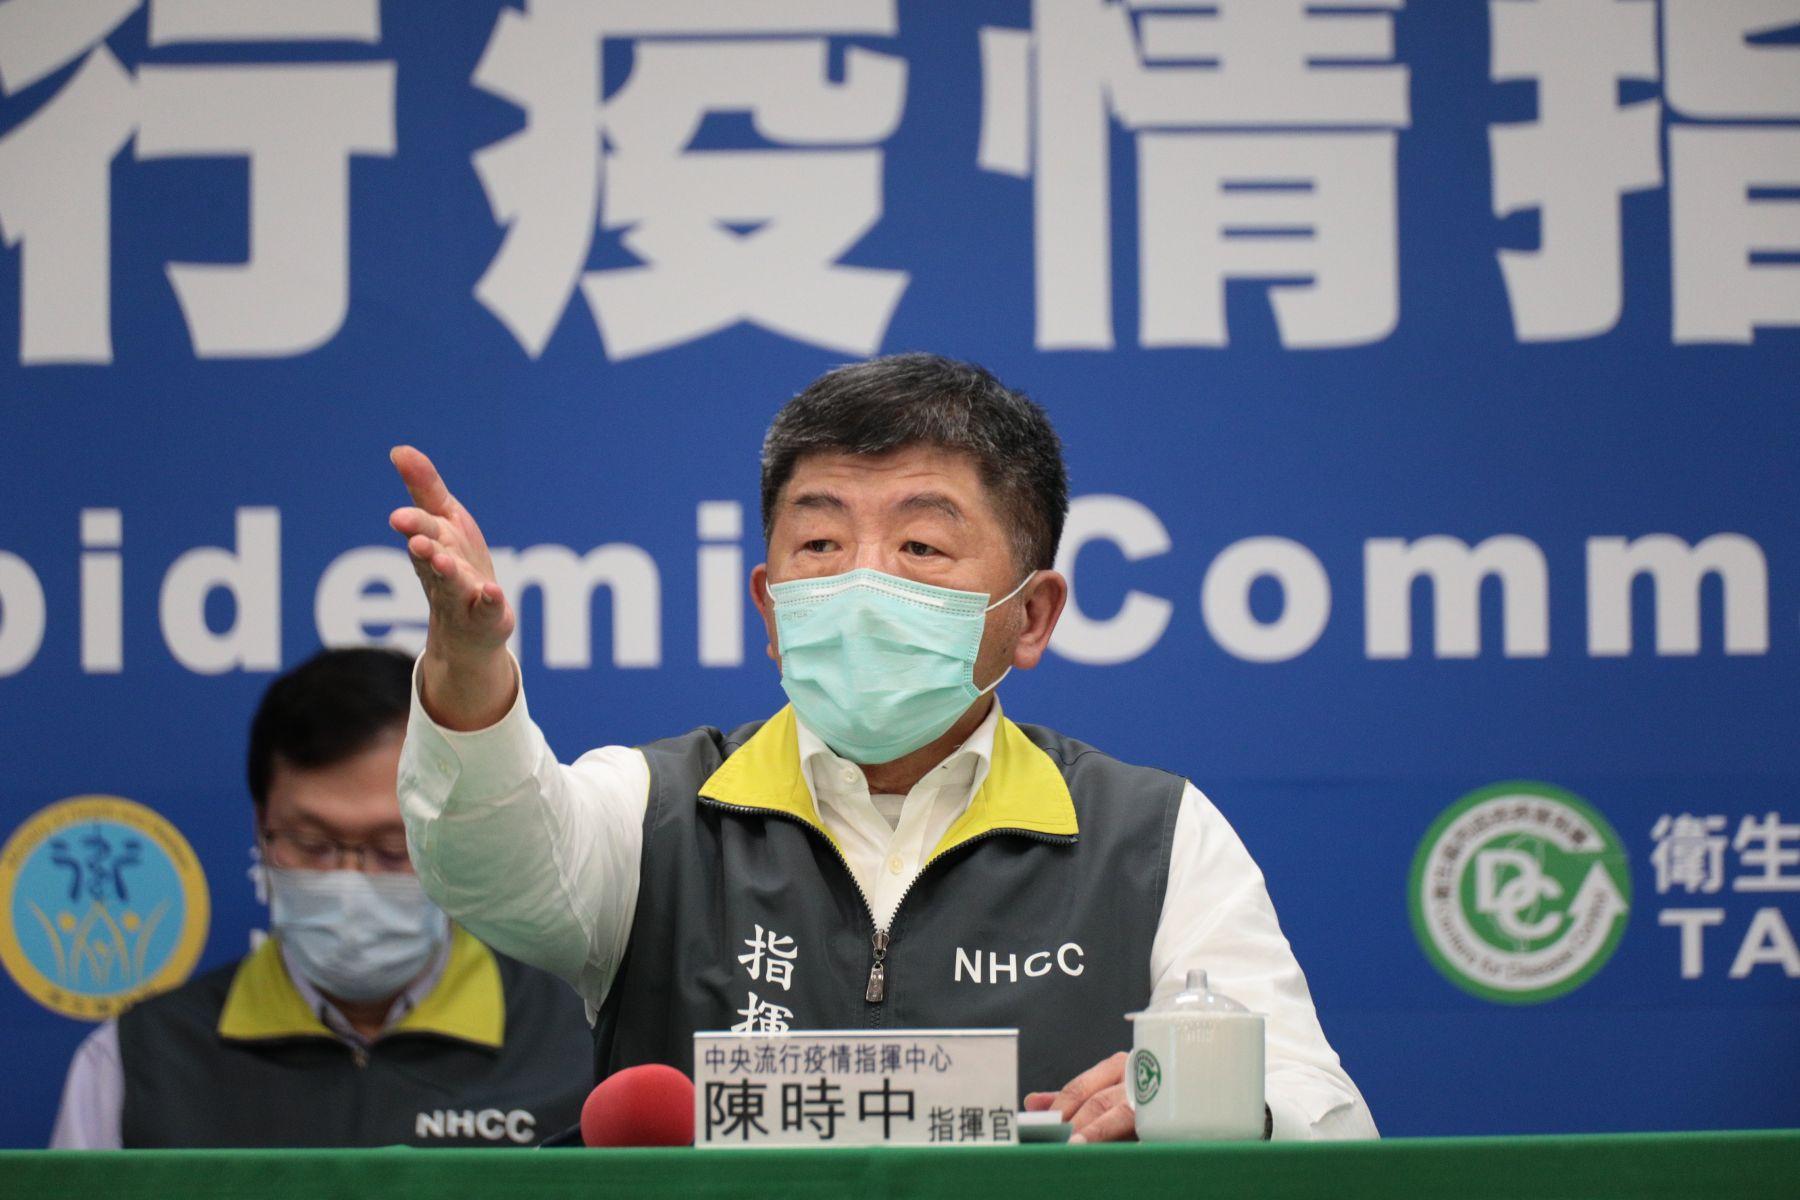 武漢肺炎何時在台結束? 新加坡預估是5月7日 但要小心這件事